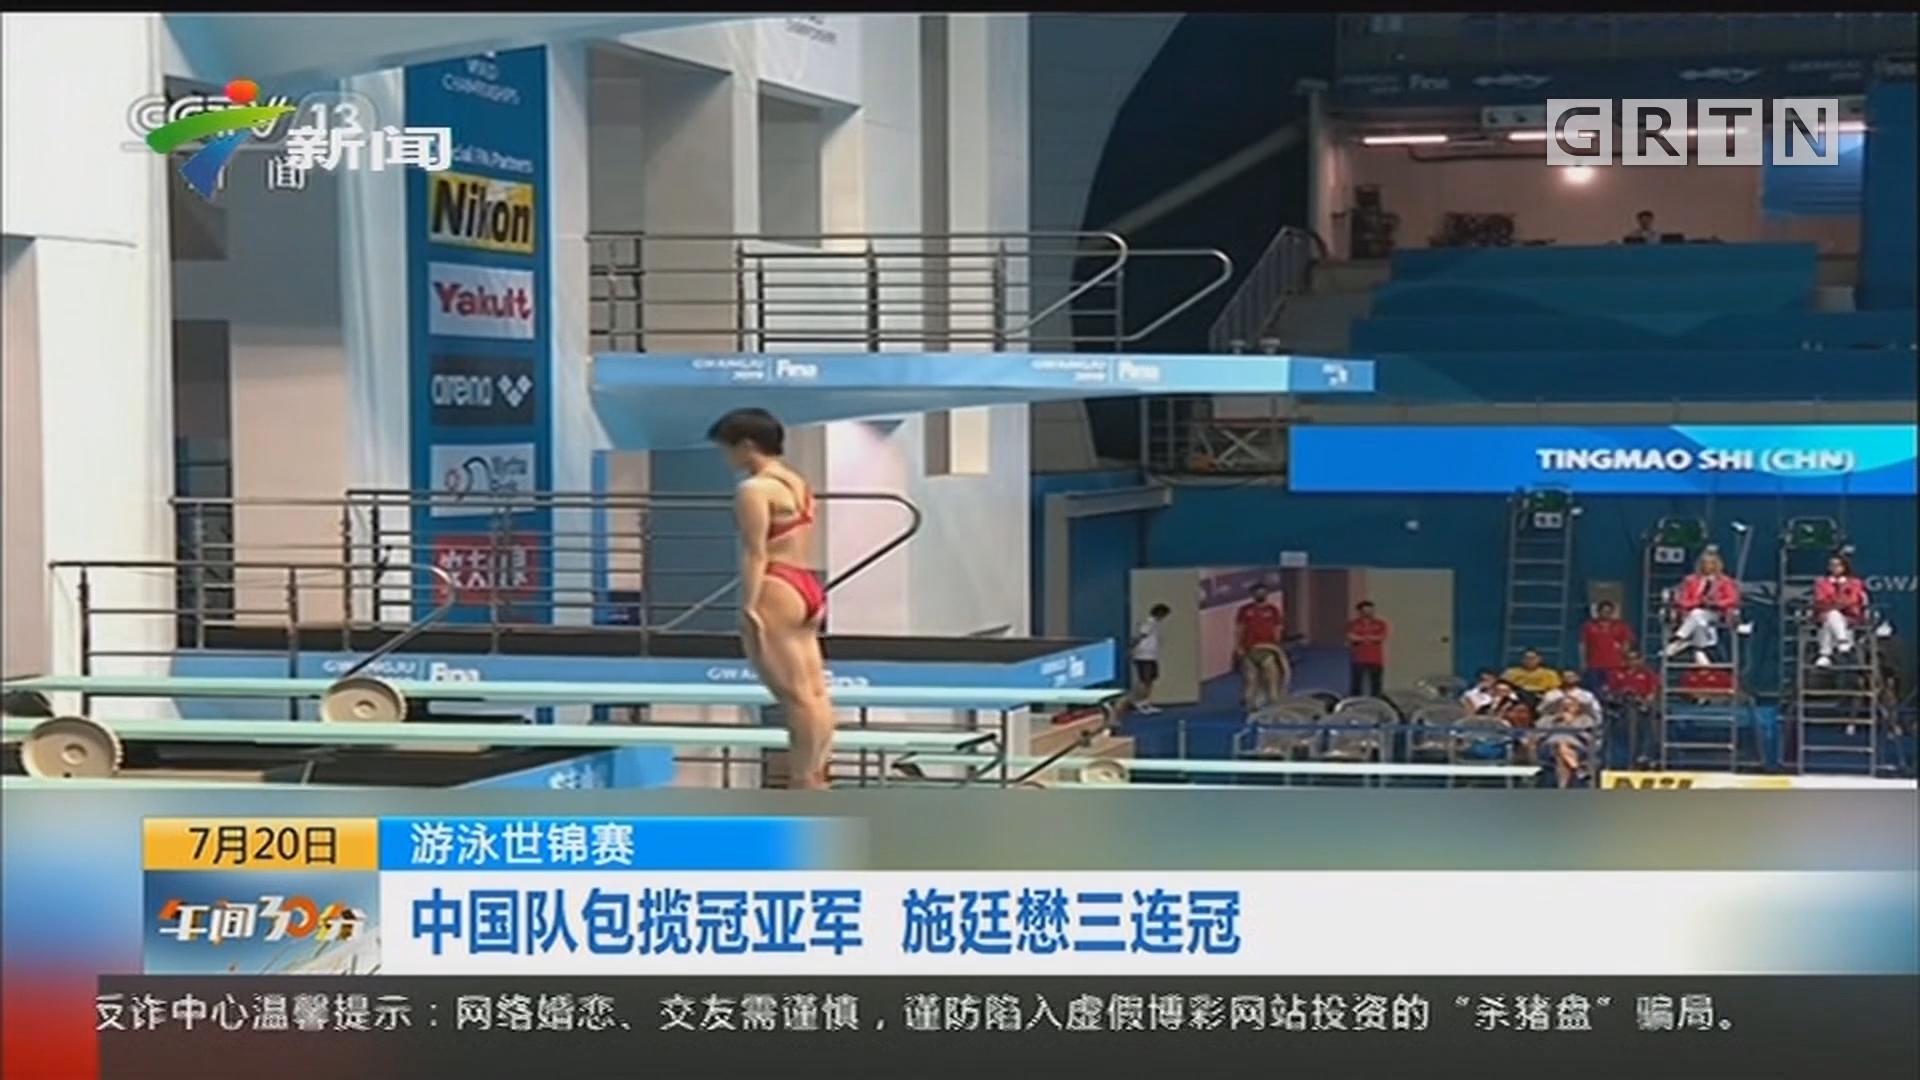 游泳世锦赛:中国队包揽冠亚军 施廷懋三连冠